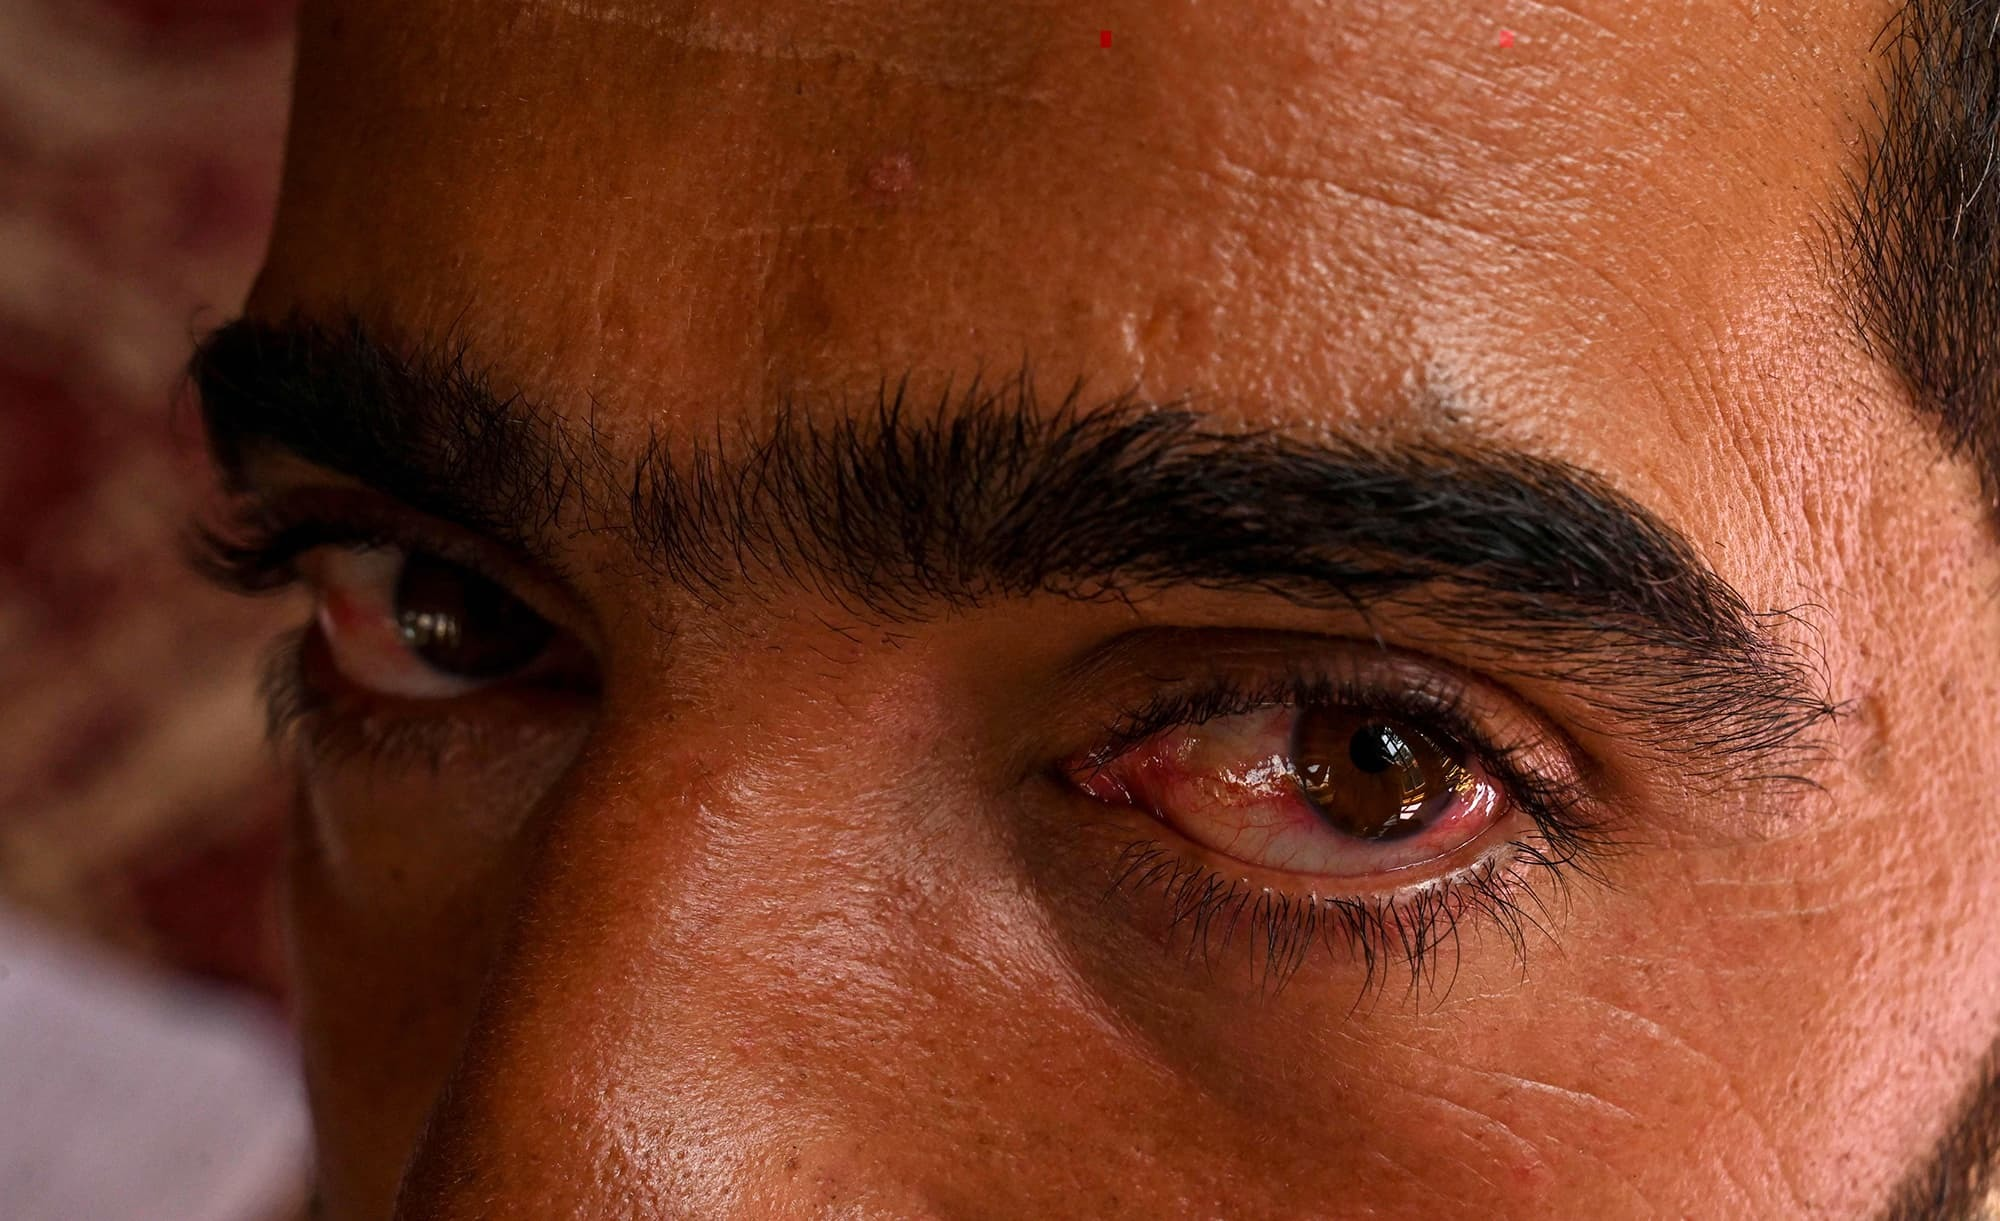 عابد خان کو بجلی کے جھٹکے لگائے گئے اور مردانہ صلاحیت سے محروم کرنے کی دھمکیاں دی گئیں—فوٹو:اے ایف پی